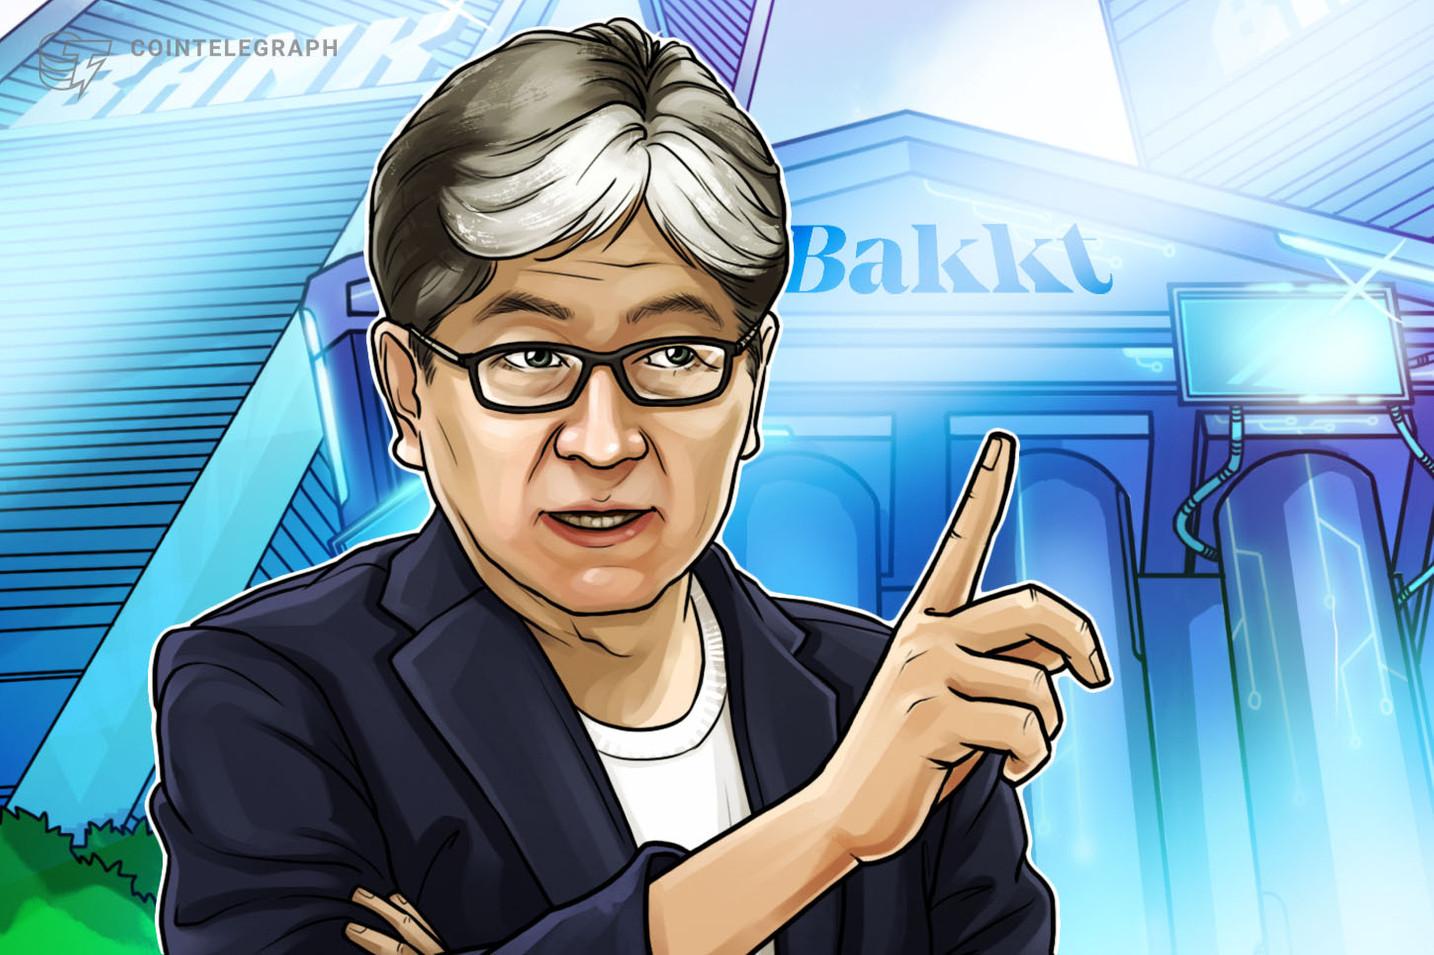 「盛り上がっていない」バックトのビットコイン先物の実情、マネックスの松本CEOが語る【独自】